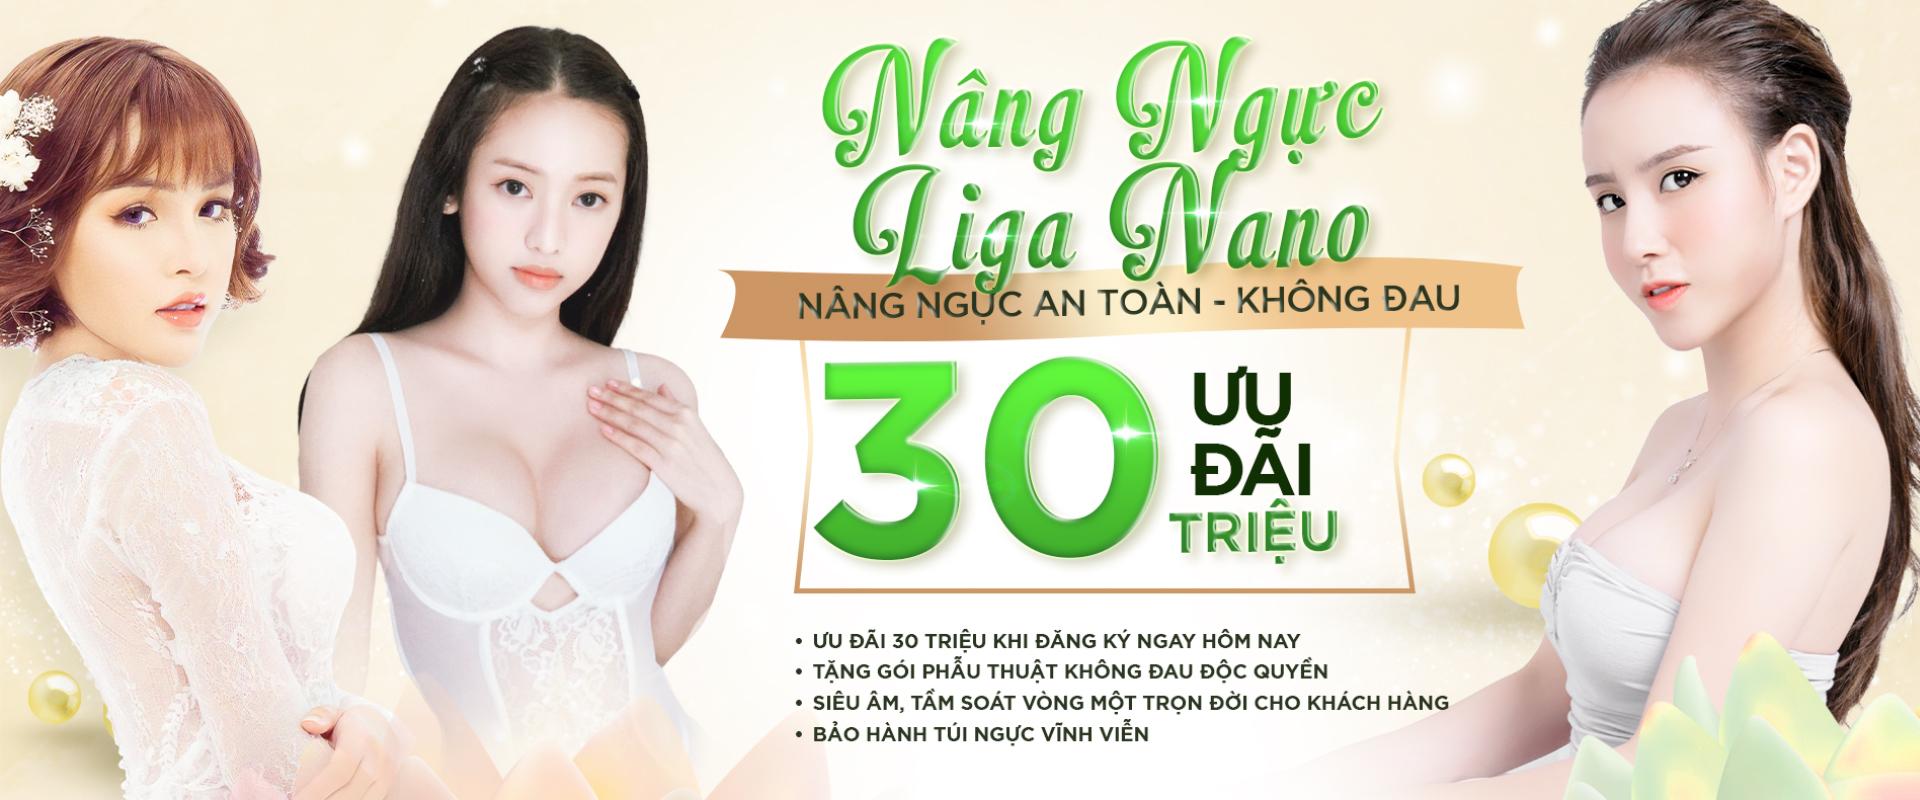 Hỗ trợ làm đẹp không lo chi phí tại Sài Gòn Venus